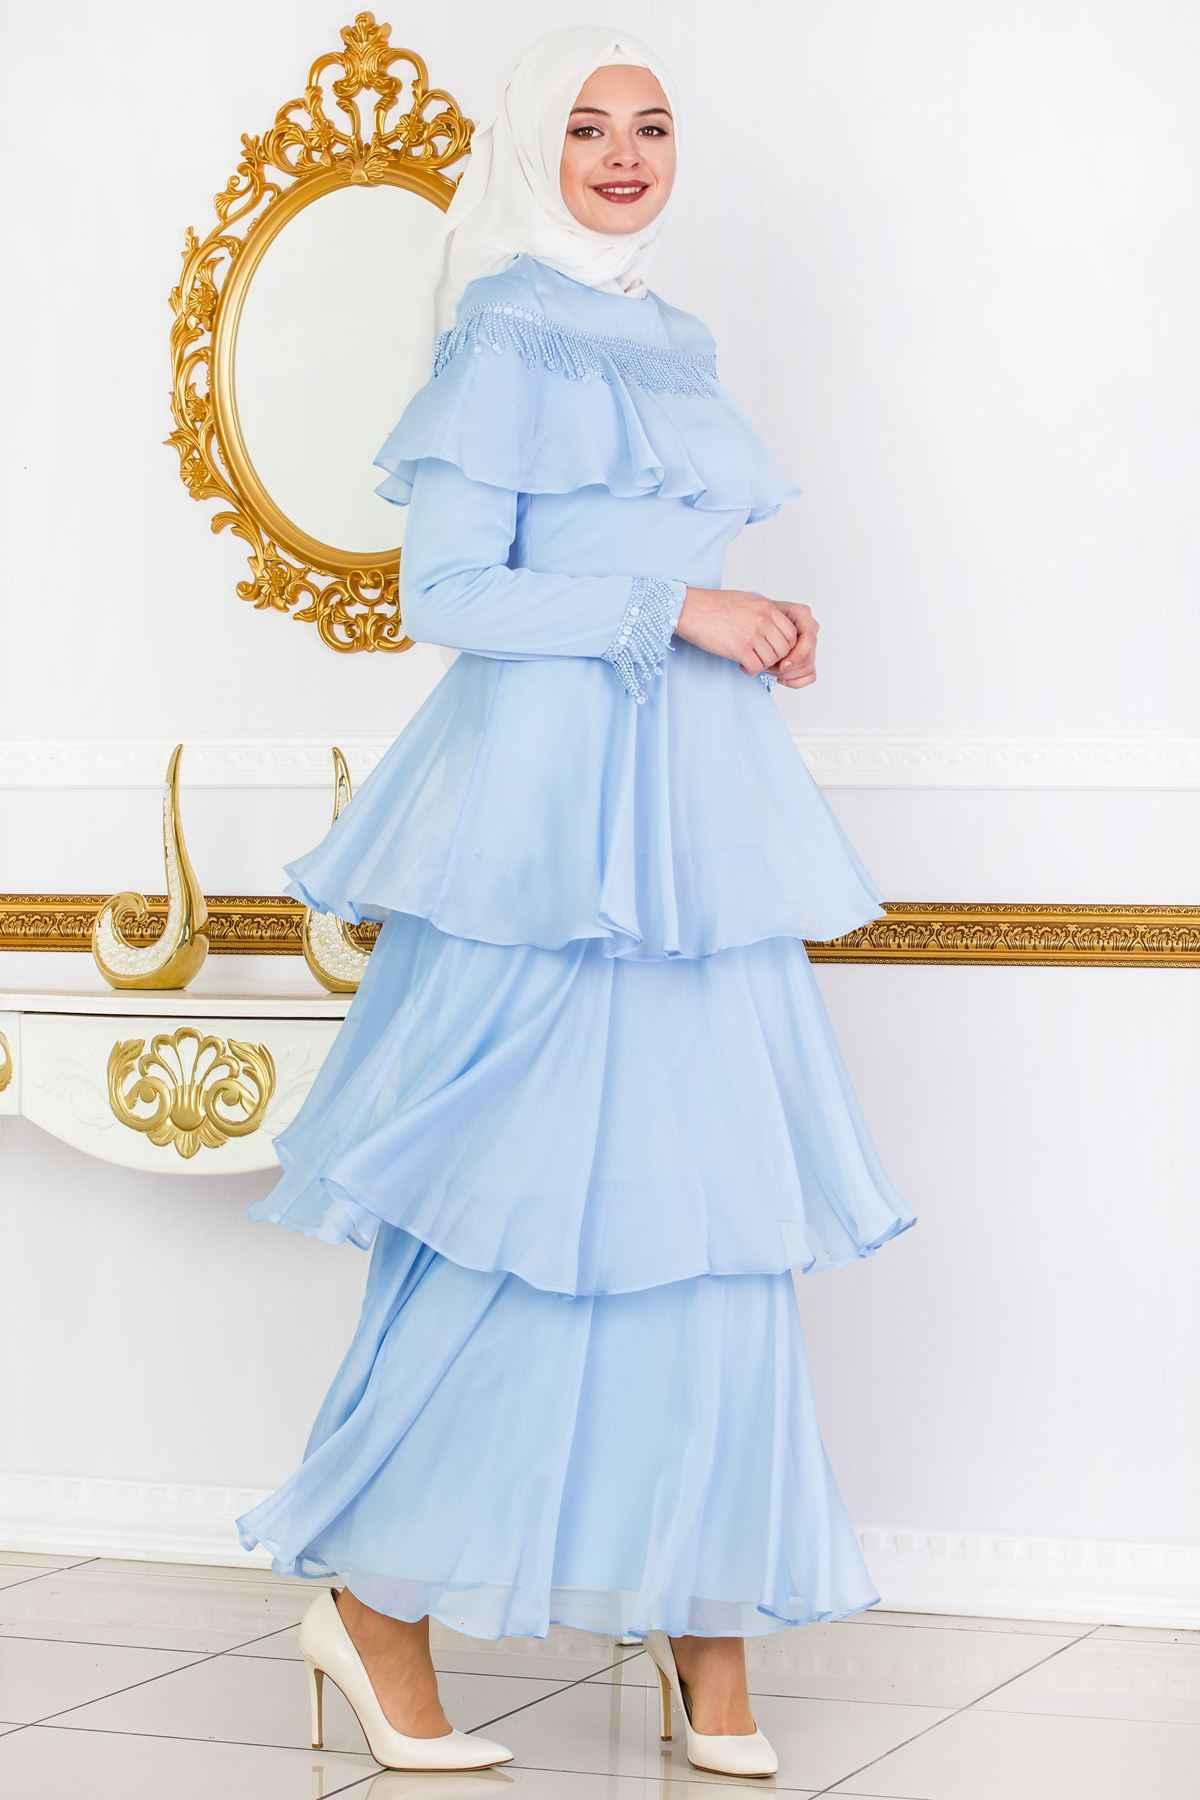 Sedanur En Şık Fırfırlı Tesettür Elbise Modelleri